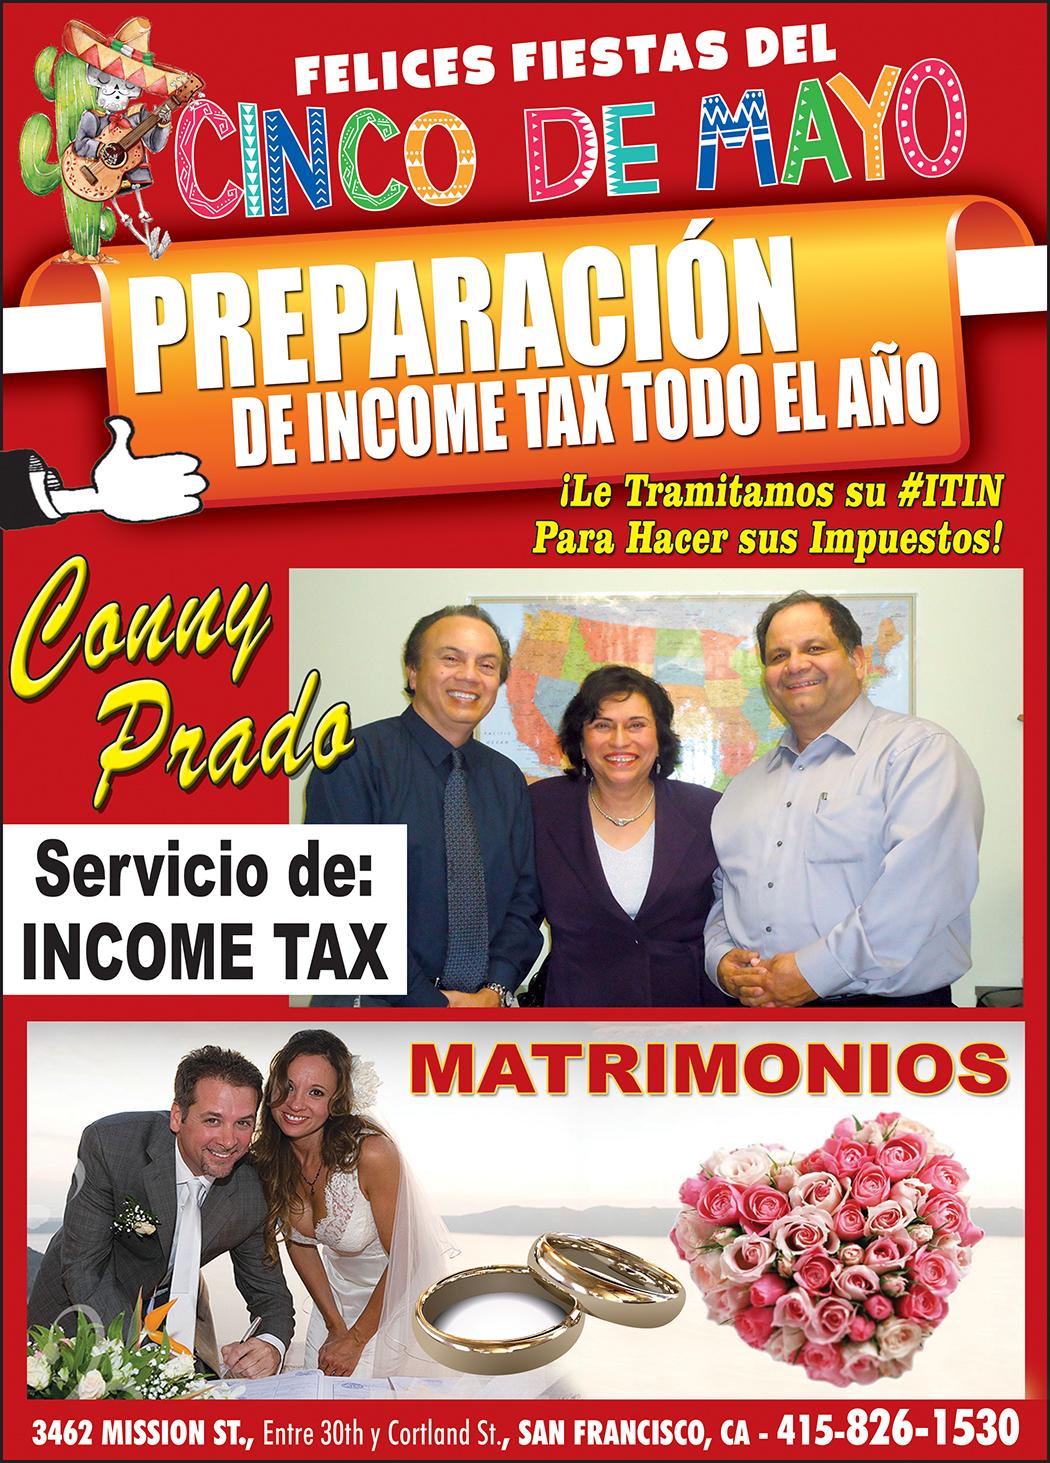 Partyland Conny Prado 1pag  - MAYO 2019 copy.jpg